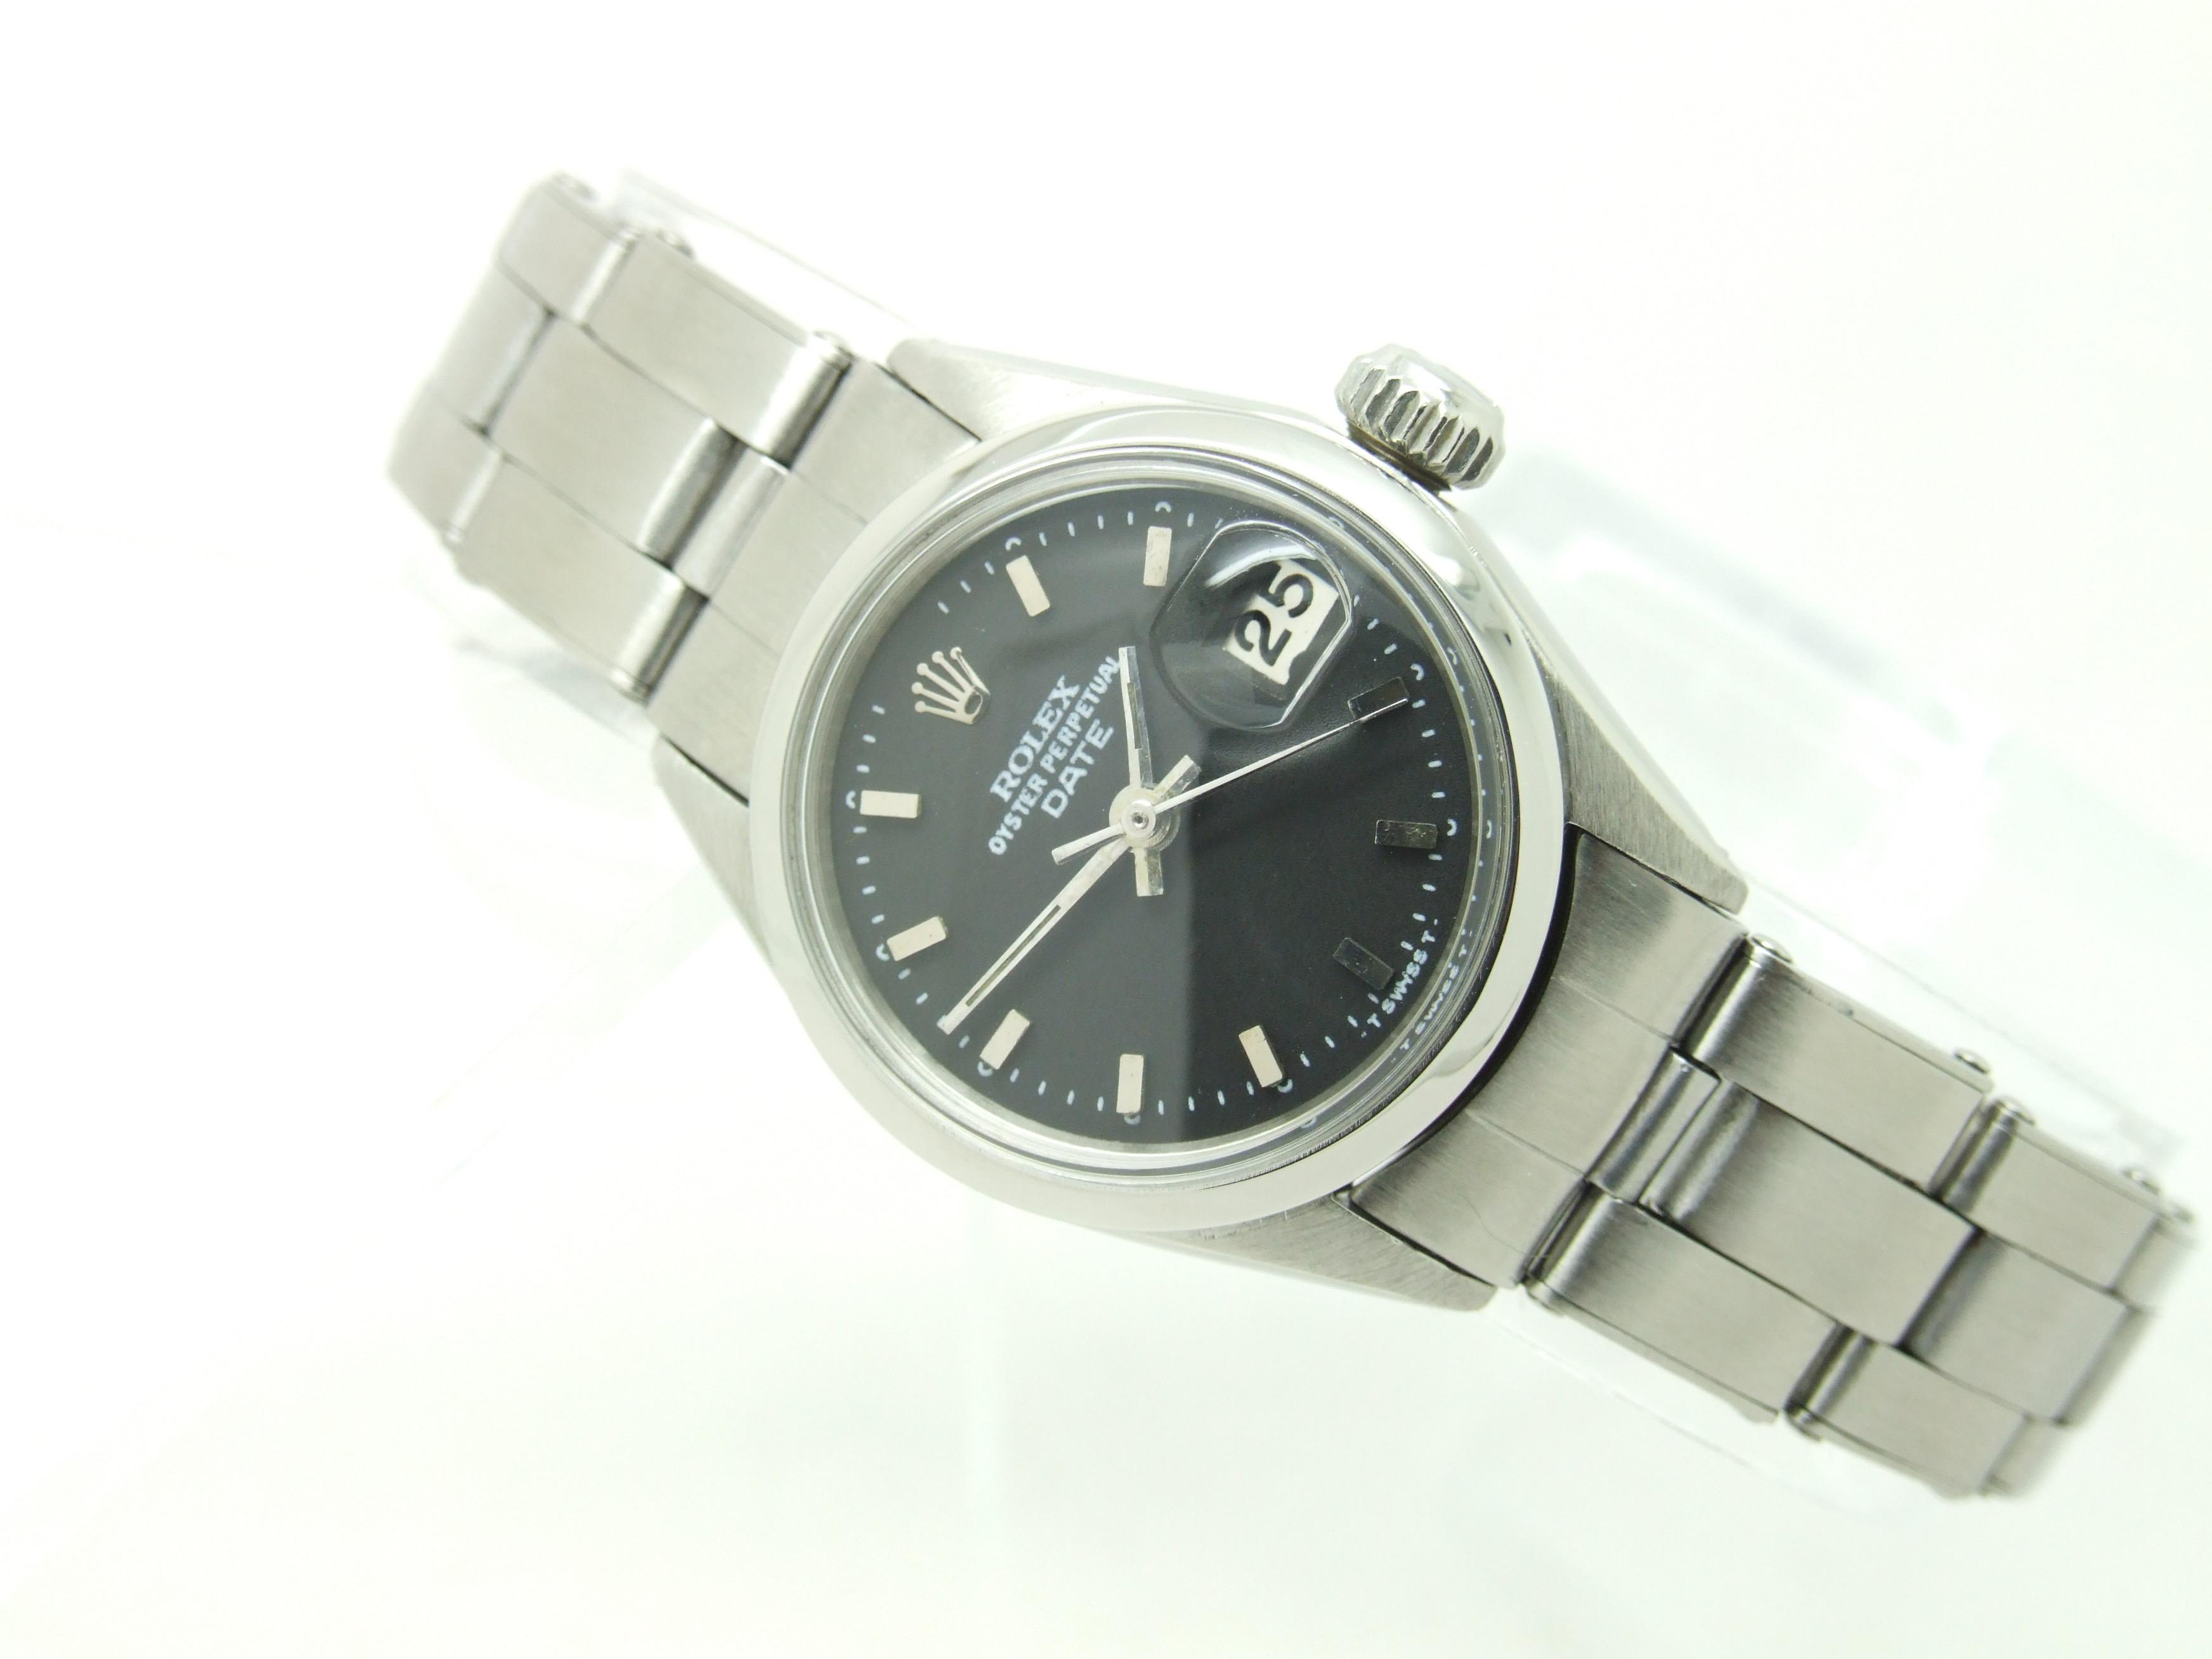 Ladies Vintage Rolex Watches Uk